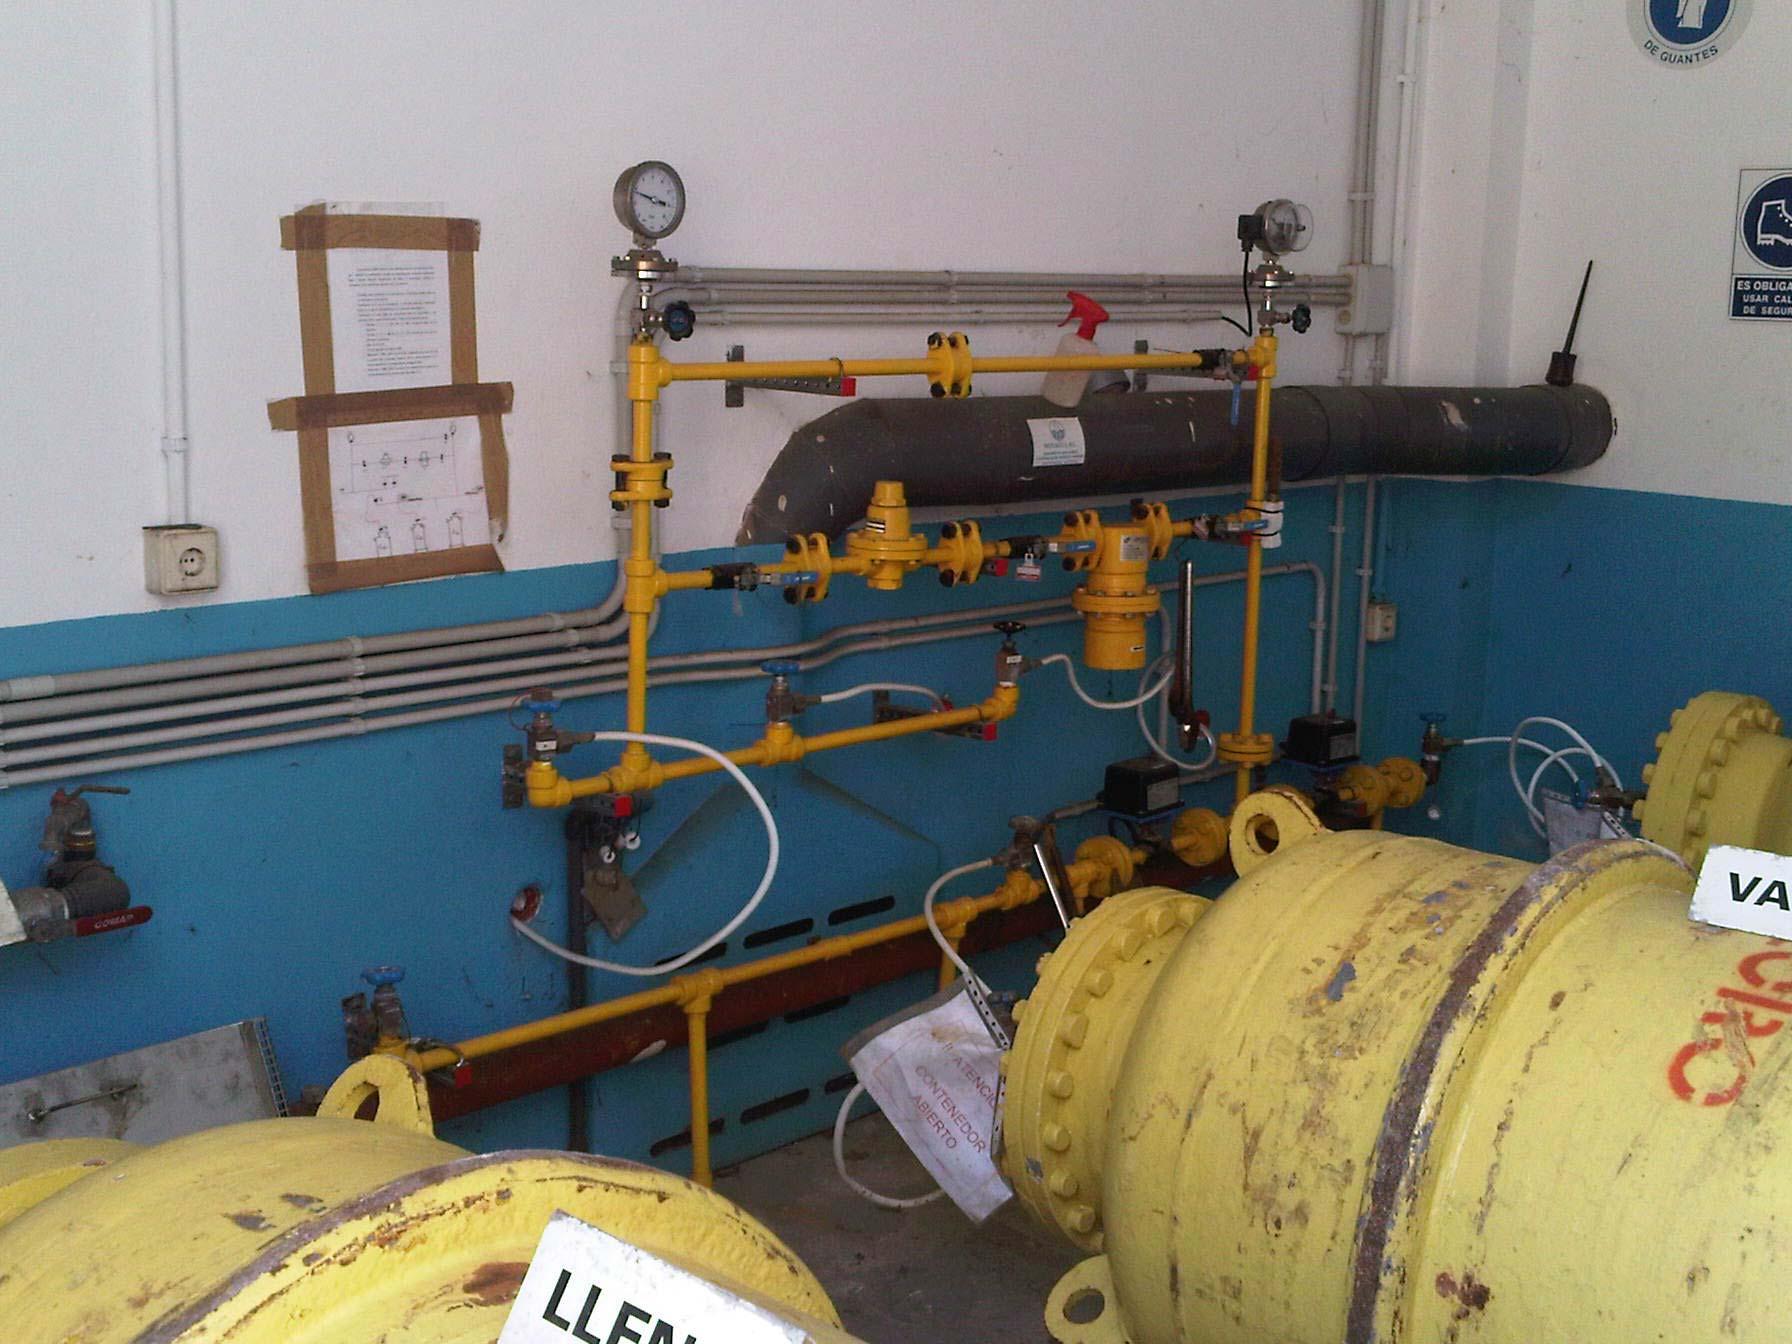 Manteniment preventiu instal·lació ETAP Corrales de Buelna